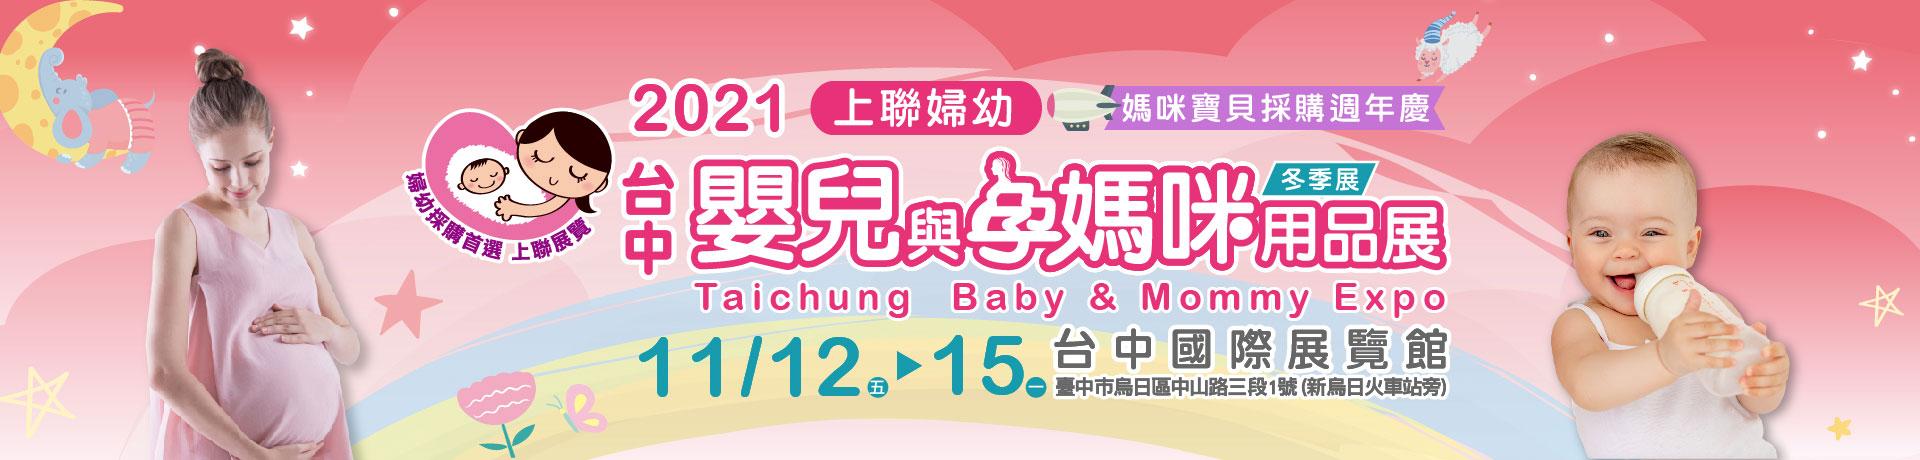 2021台中嬰兒與孕媽咪用品展暨兒童博覽會